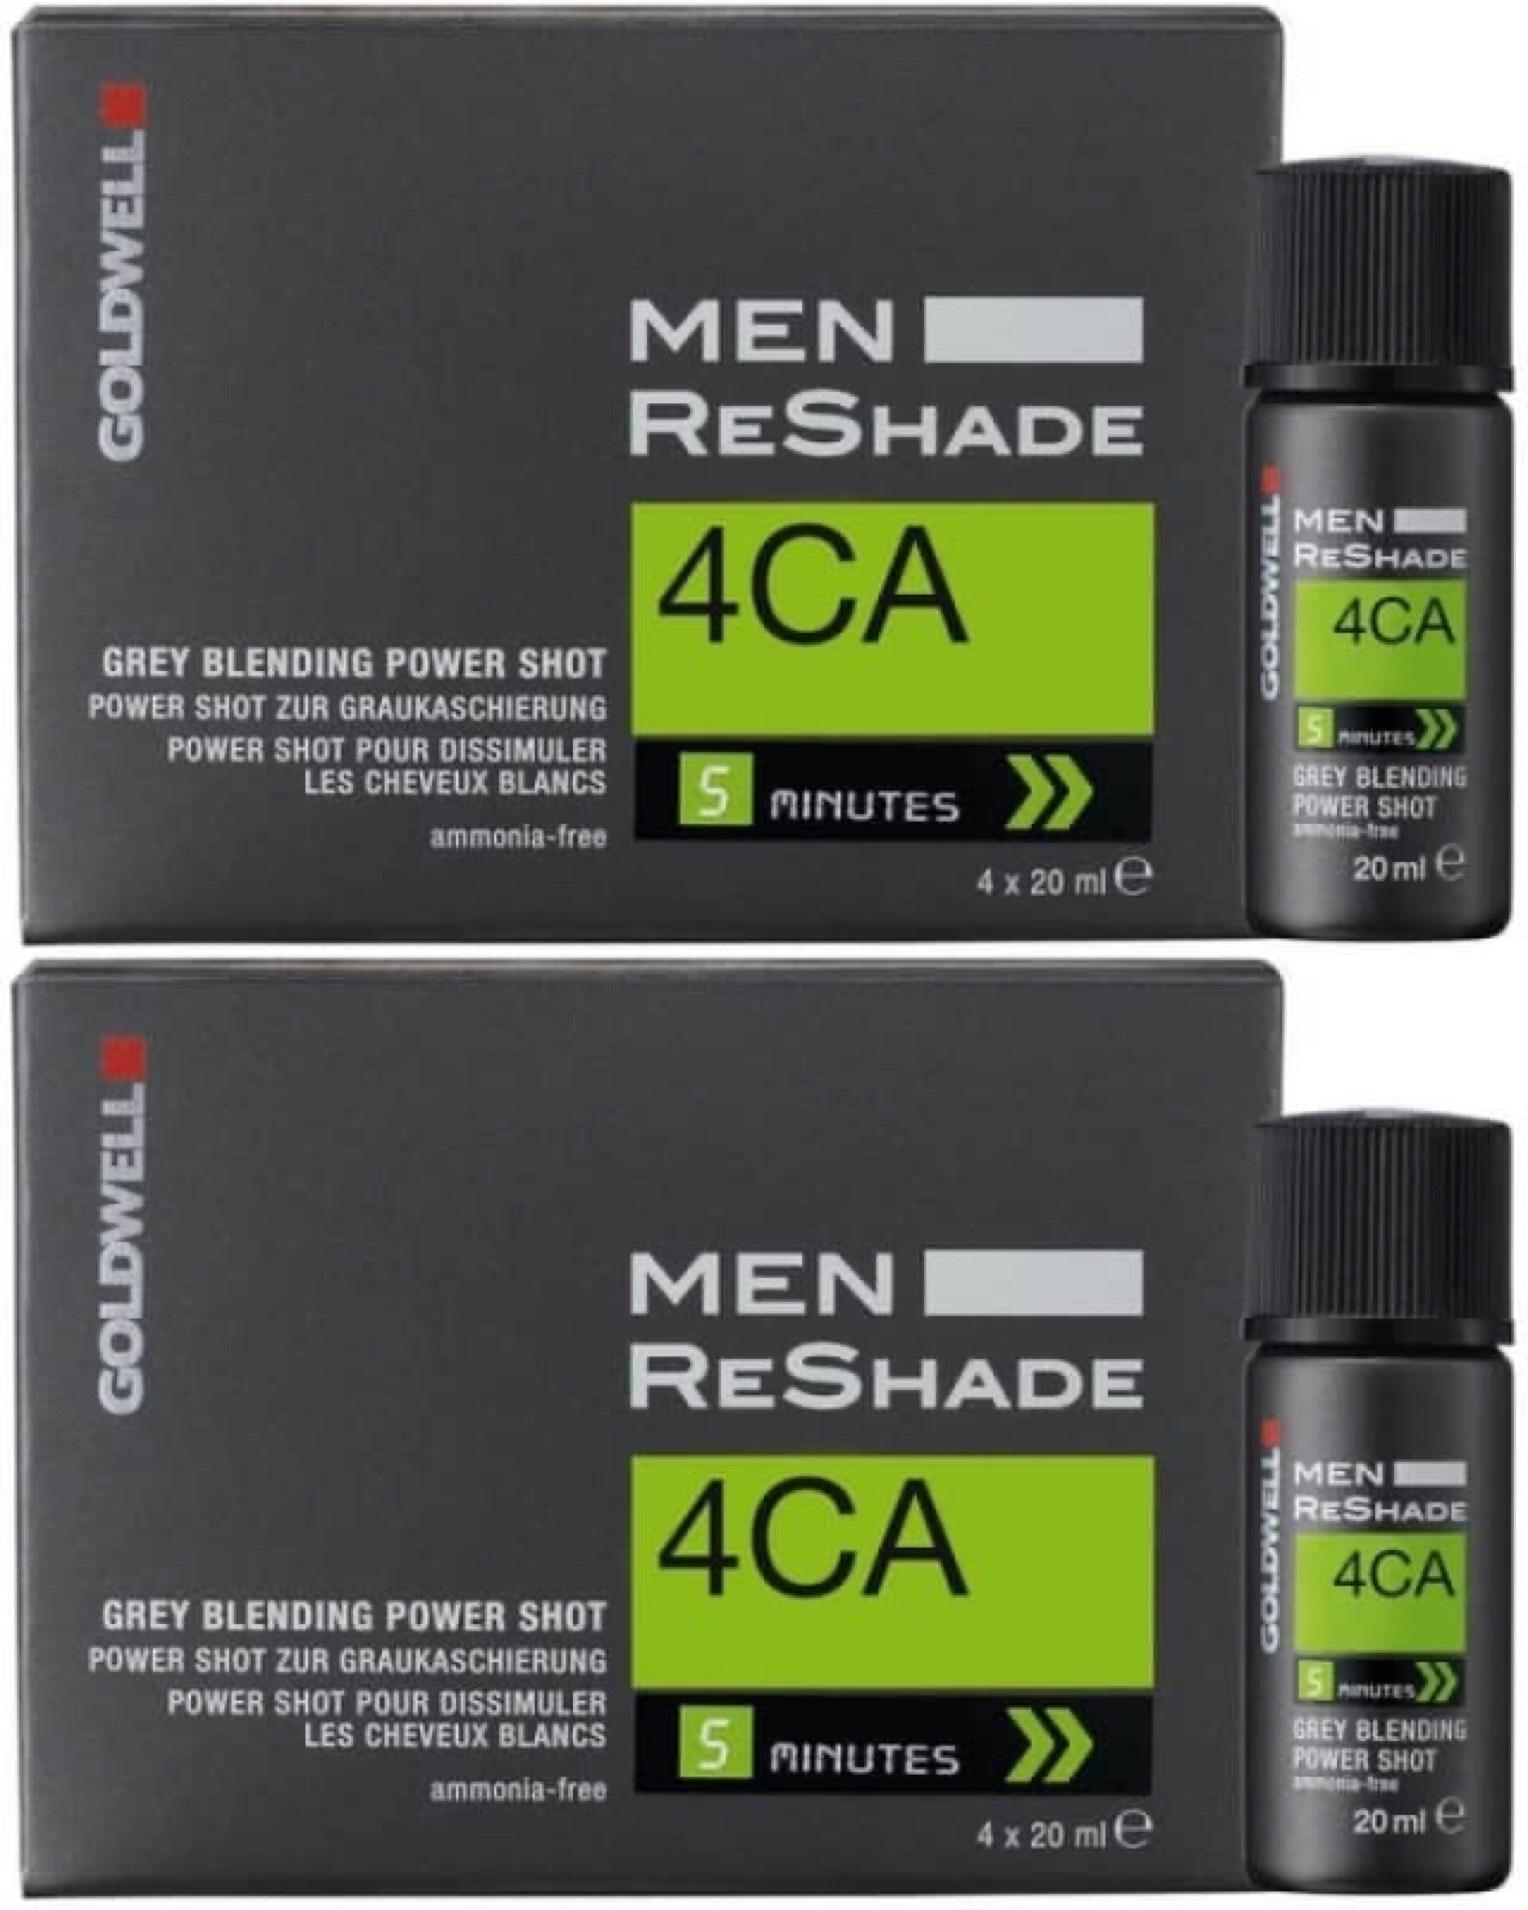 Goldwell Men Reshade Power Shot 8x 20 ml Shots (4CA mittel-aschbraun)